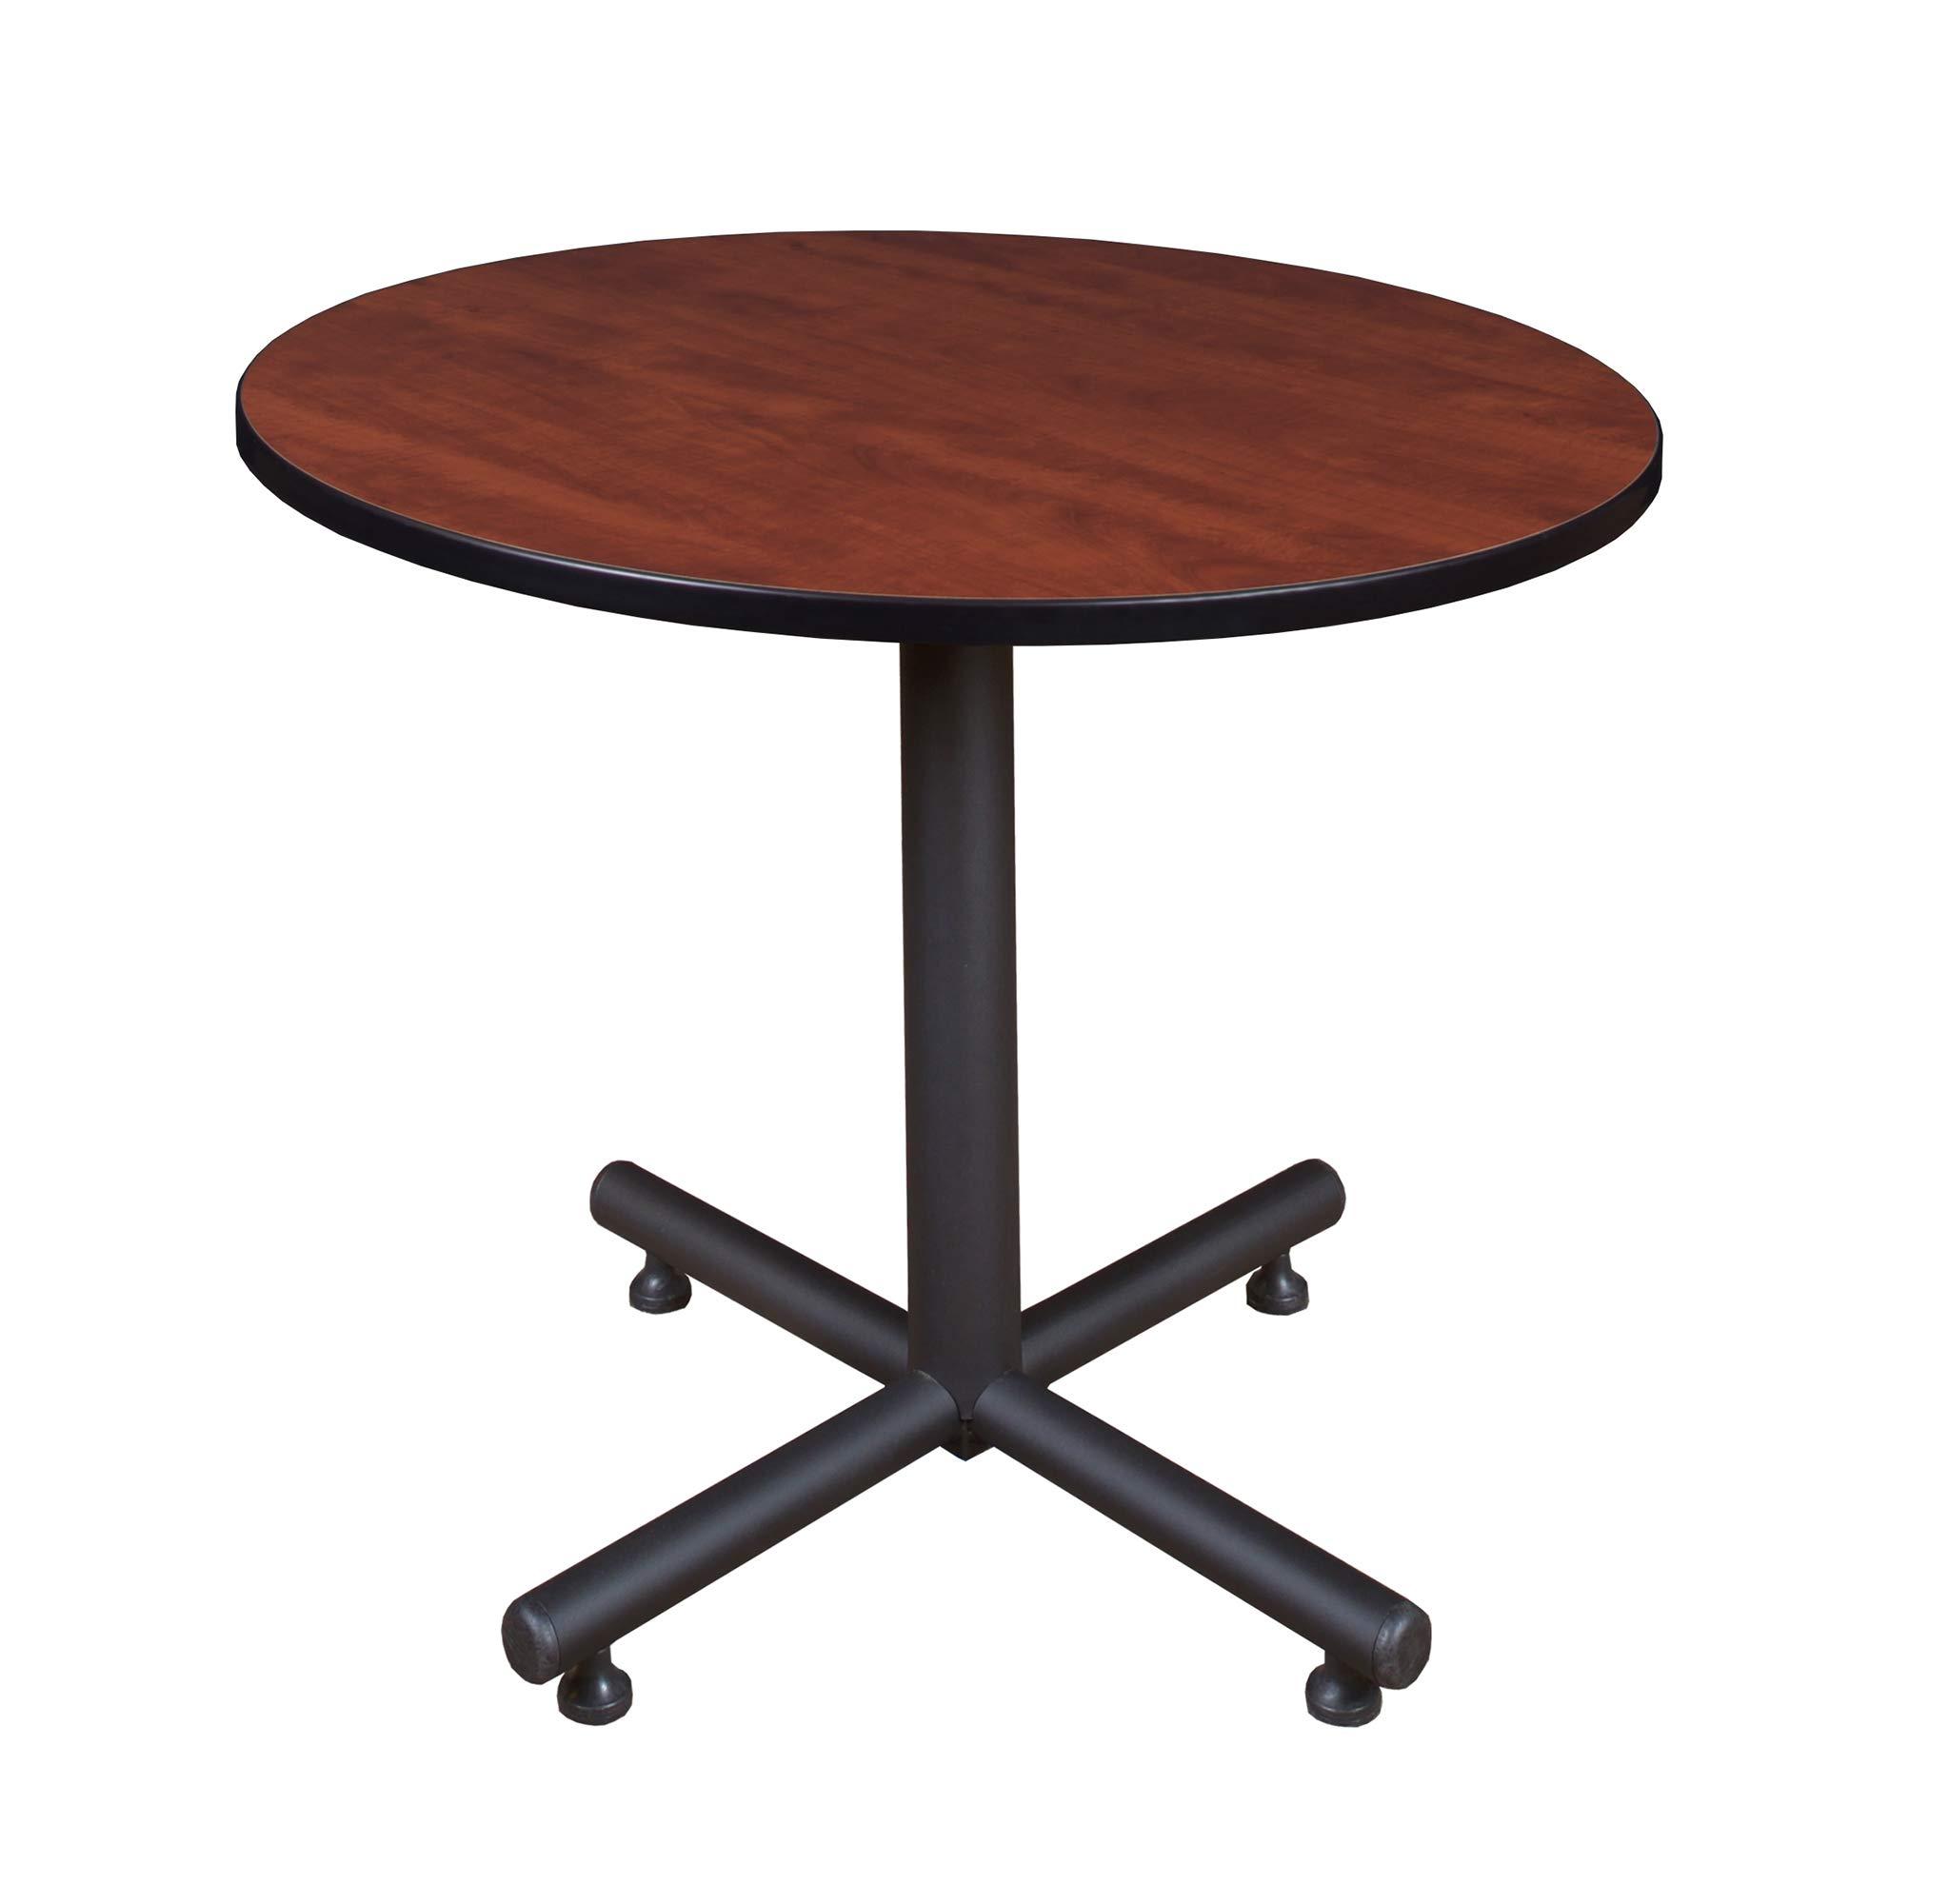 Regency Kobe 36-Inch Round Breakroom Table, Cherry by Regency Seating